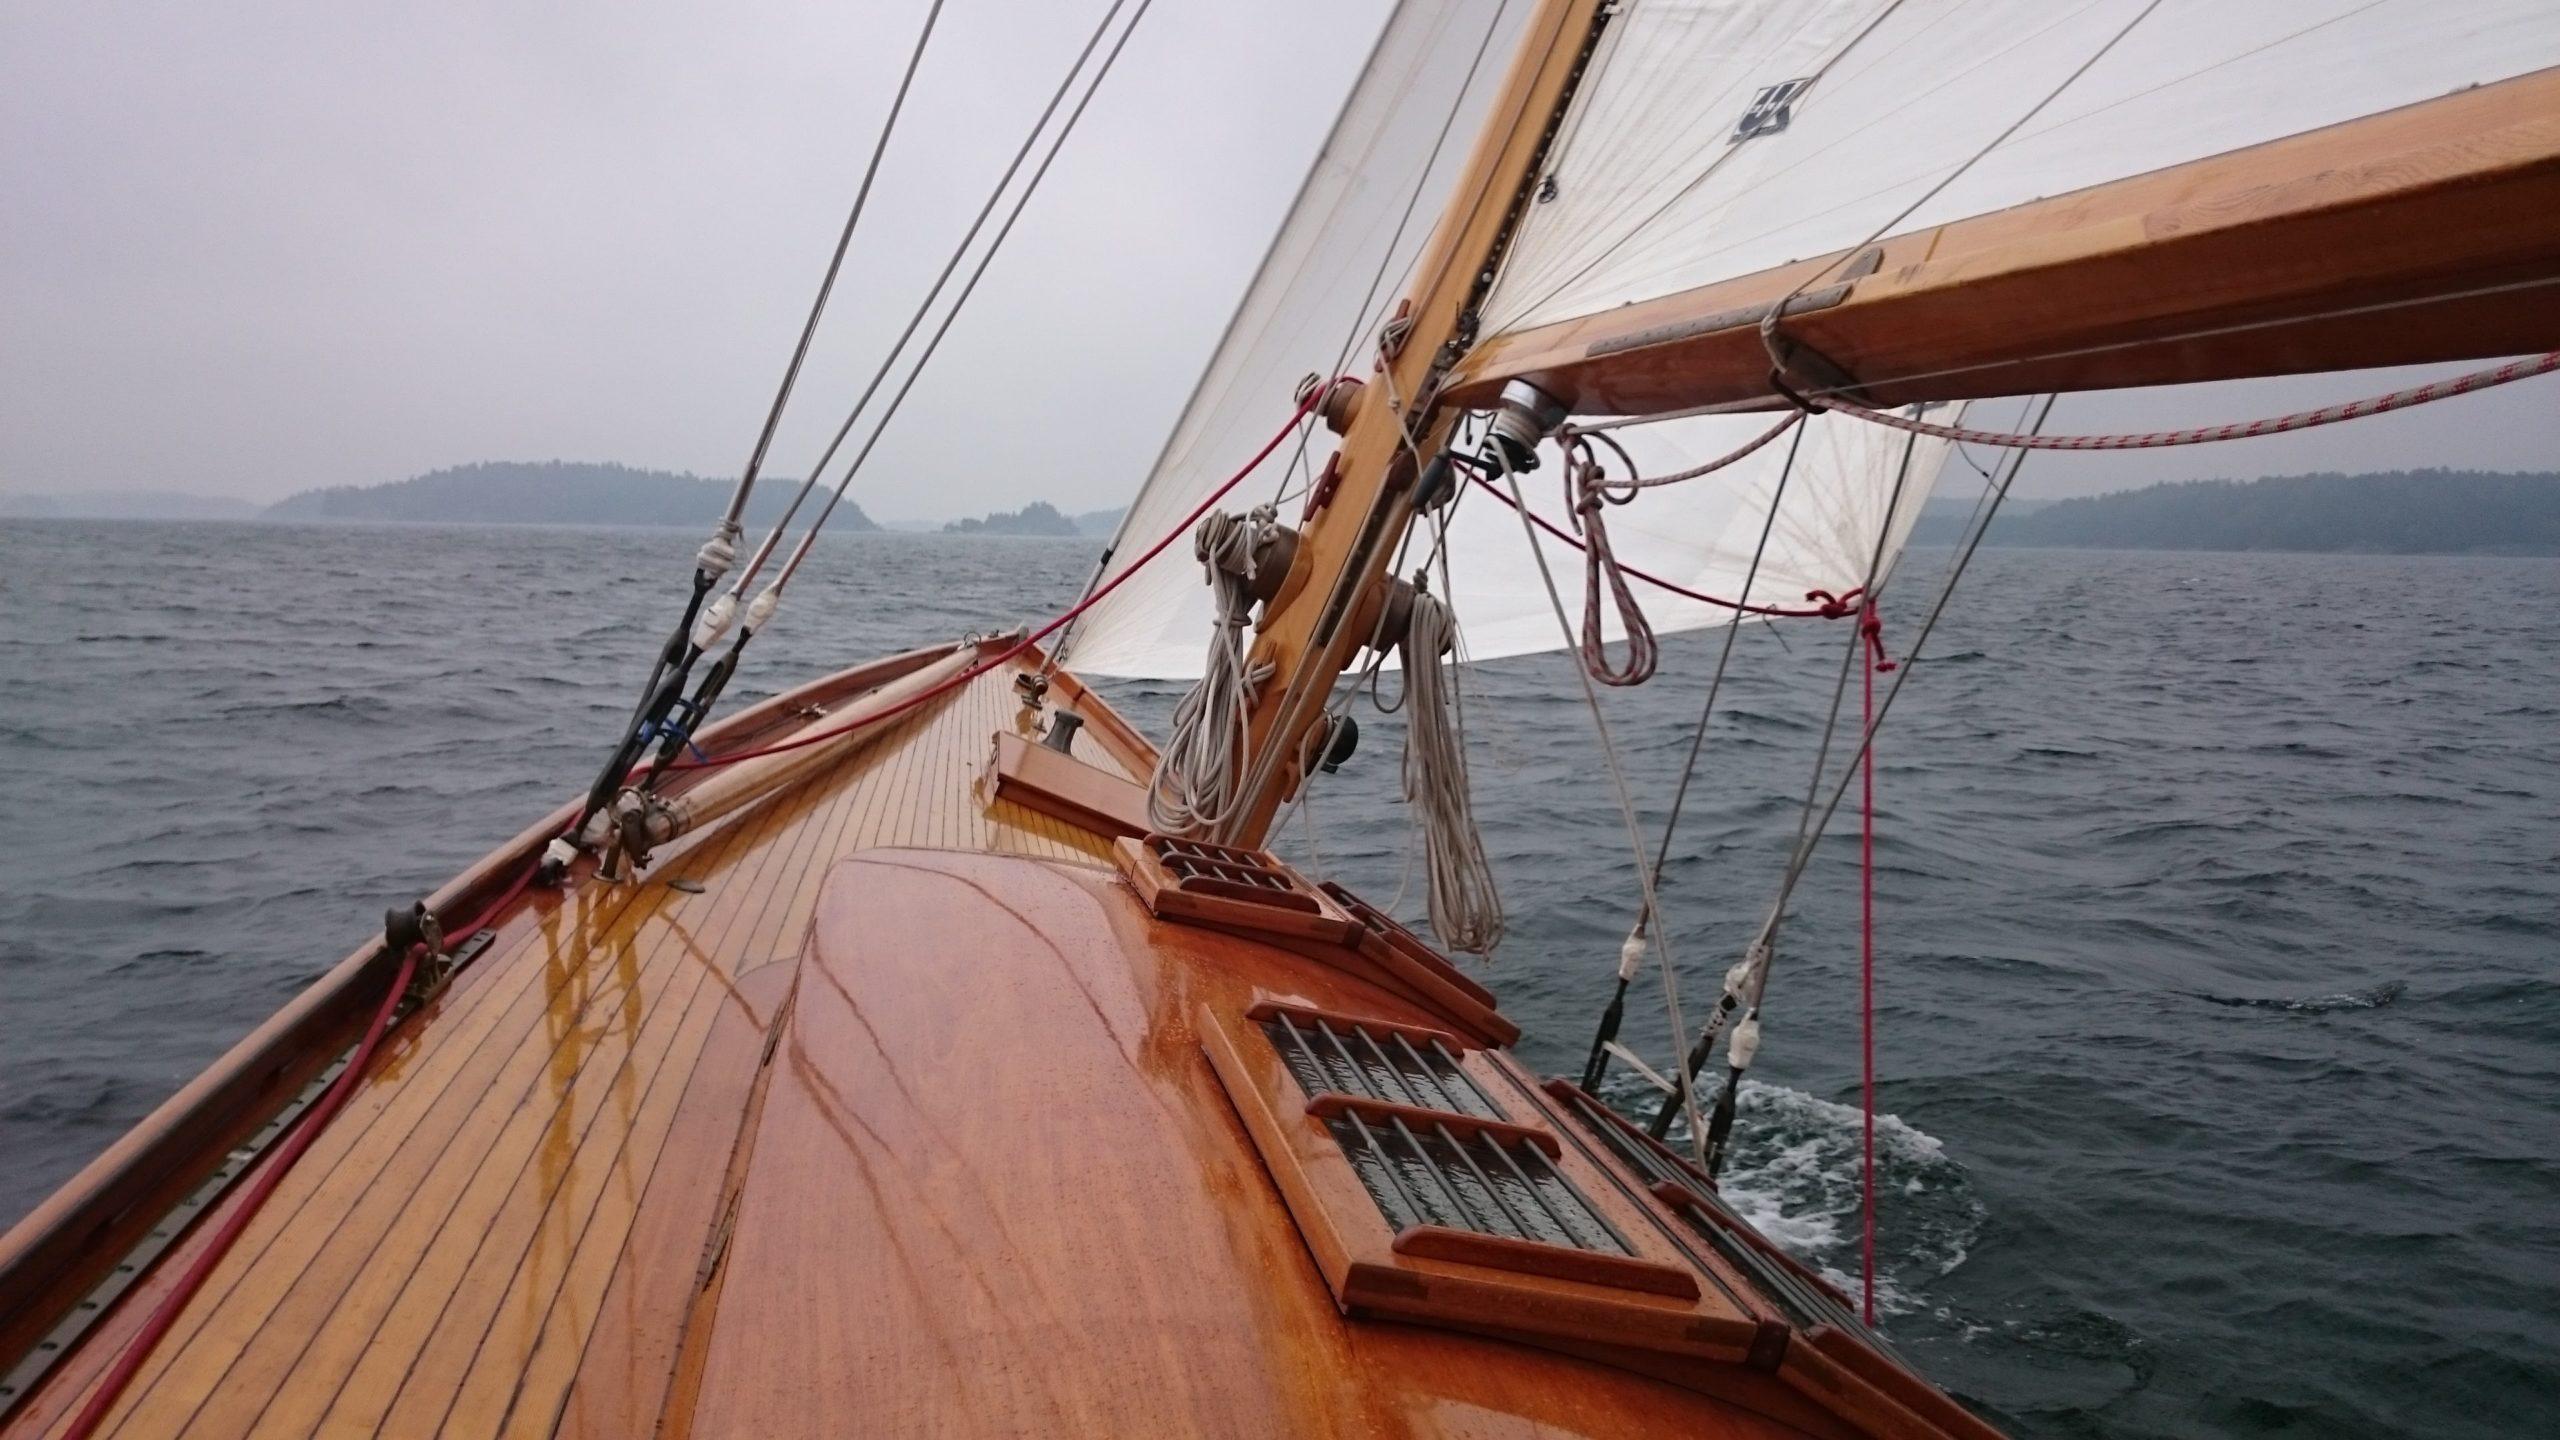 Beatrice Aurore mast